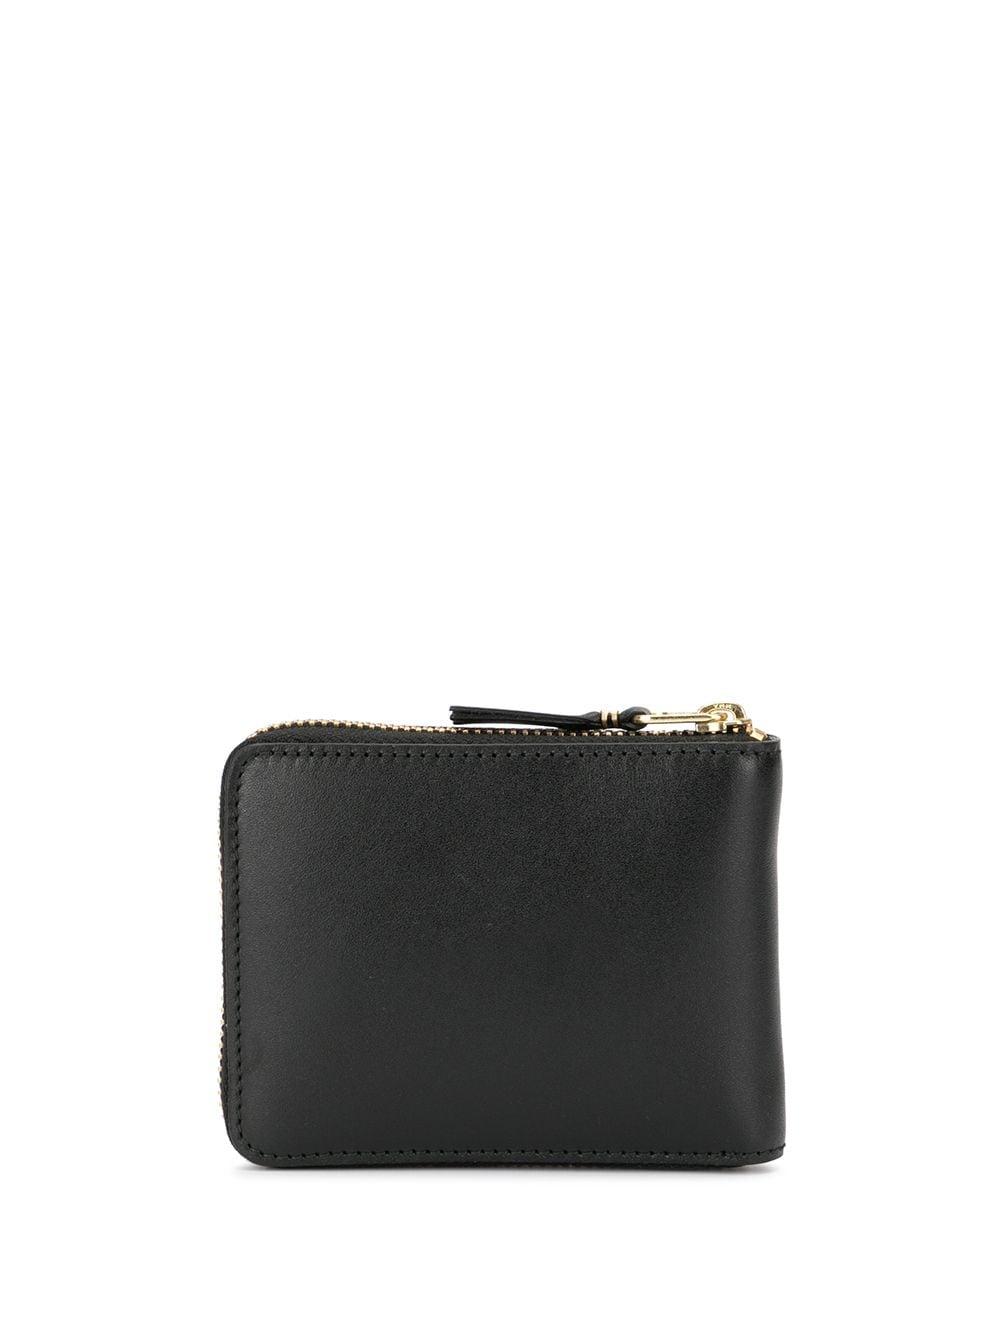 portafoglio classic line uomo nero in pelle COMME DES GARÇONS WALLET   Portafogli   SA7100800